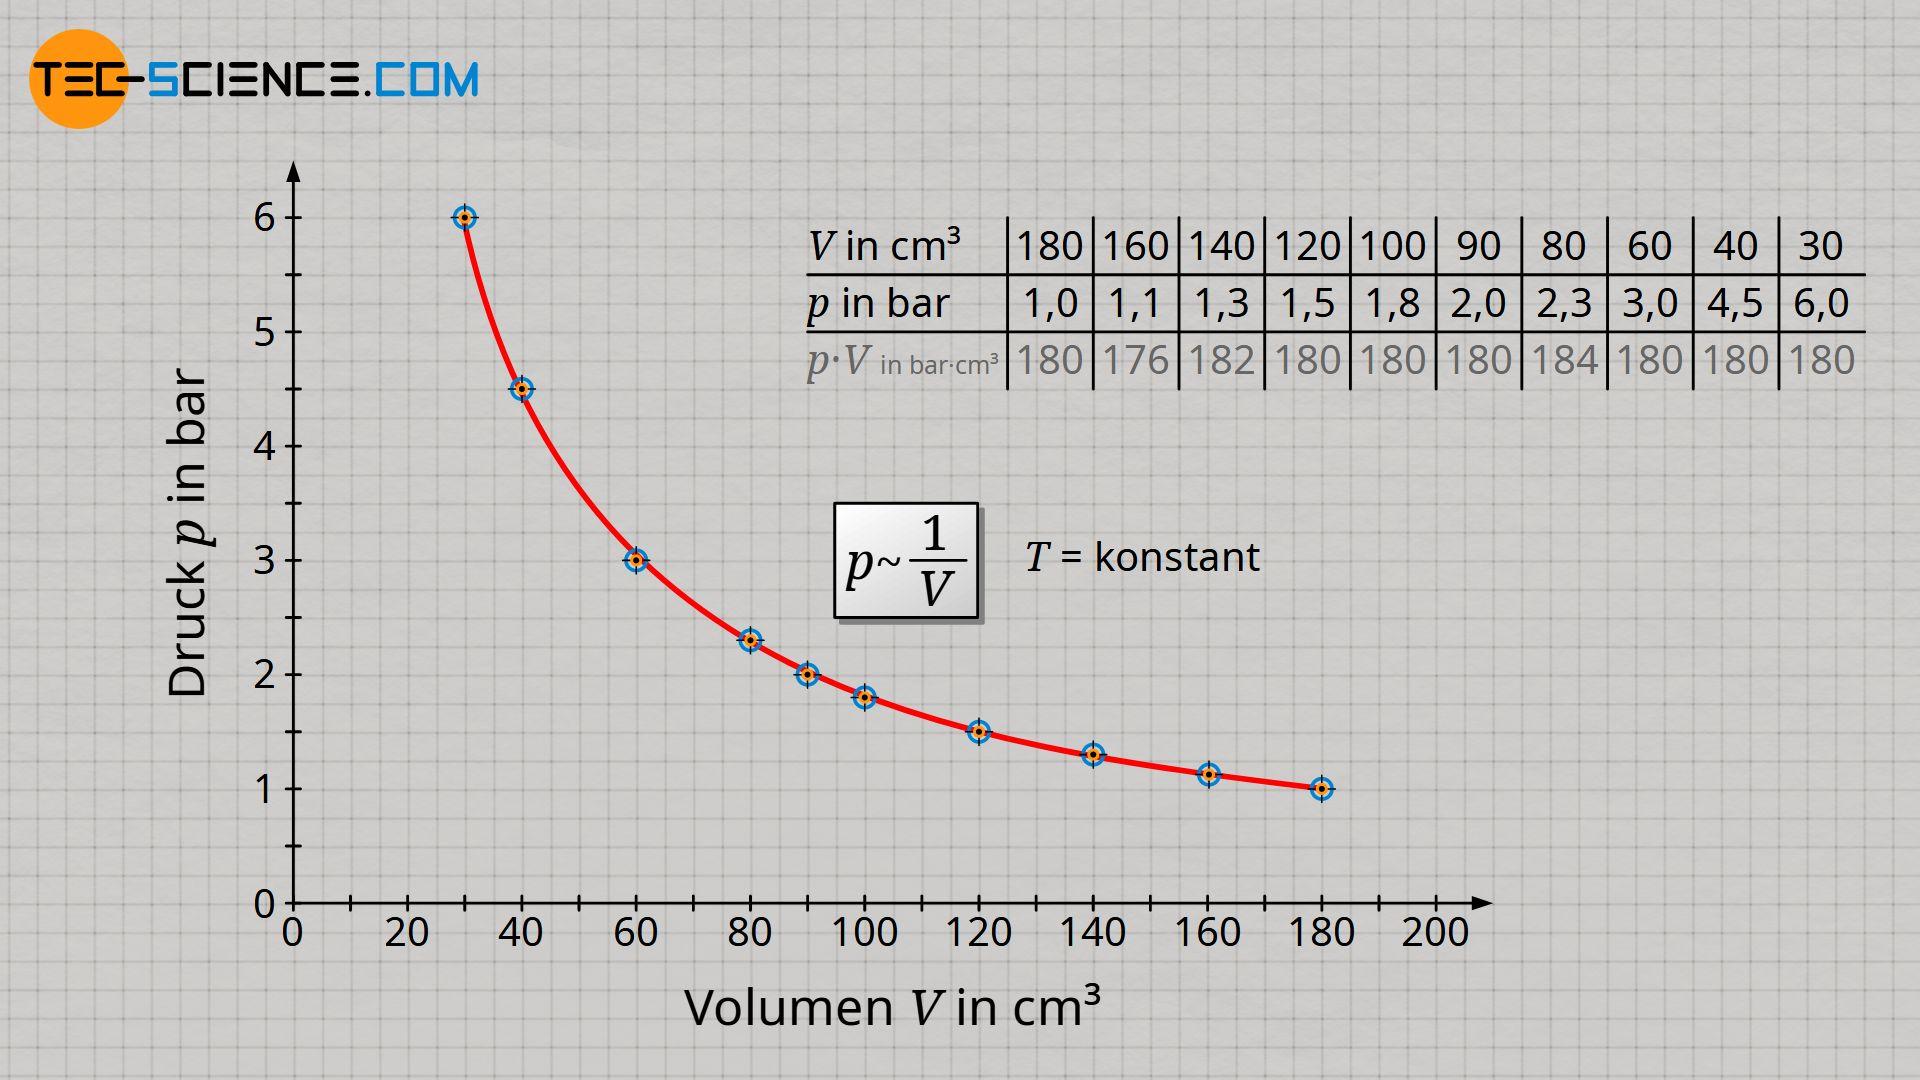 Volumen-Druck-Diagramm für einen isothermen Prozesses (Gesetz von Boyle-Mariotte)